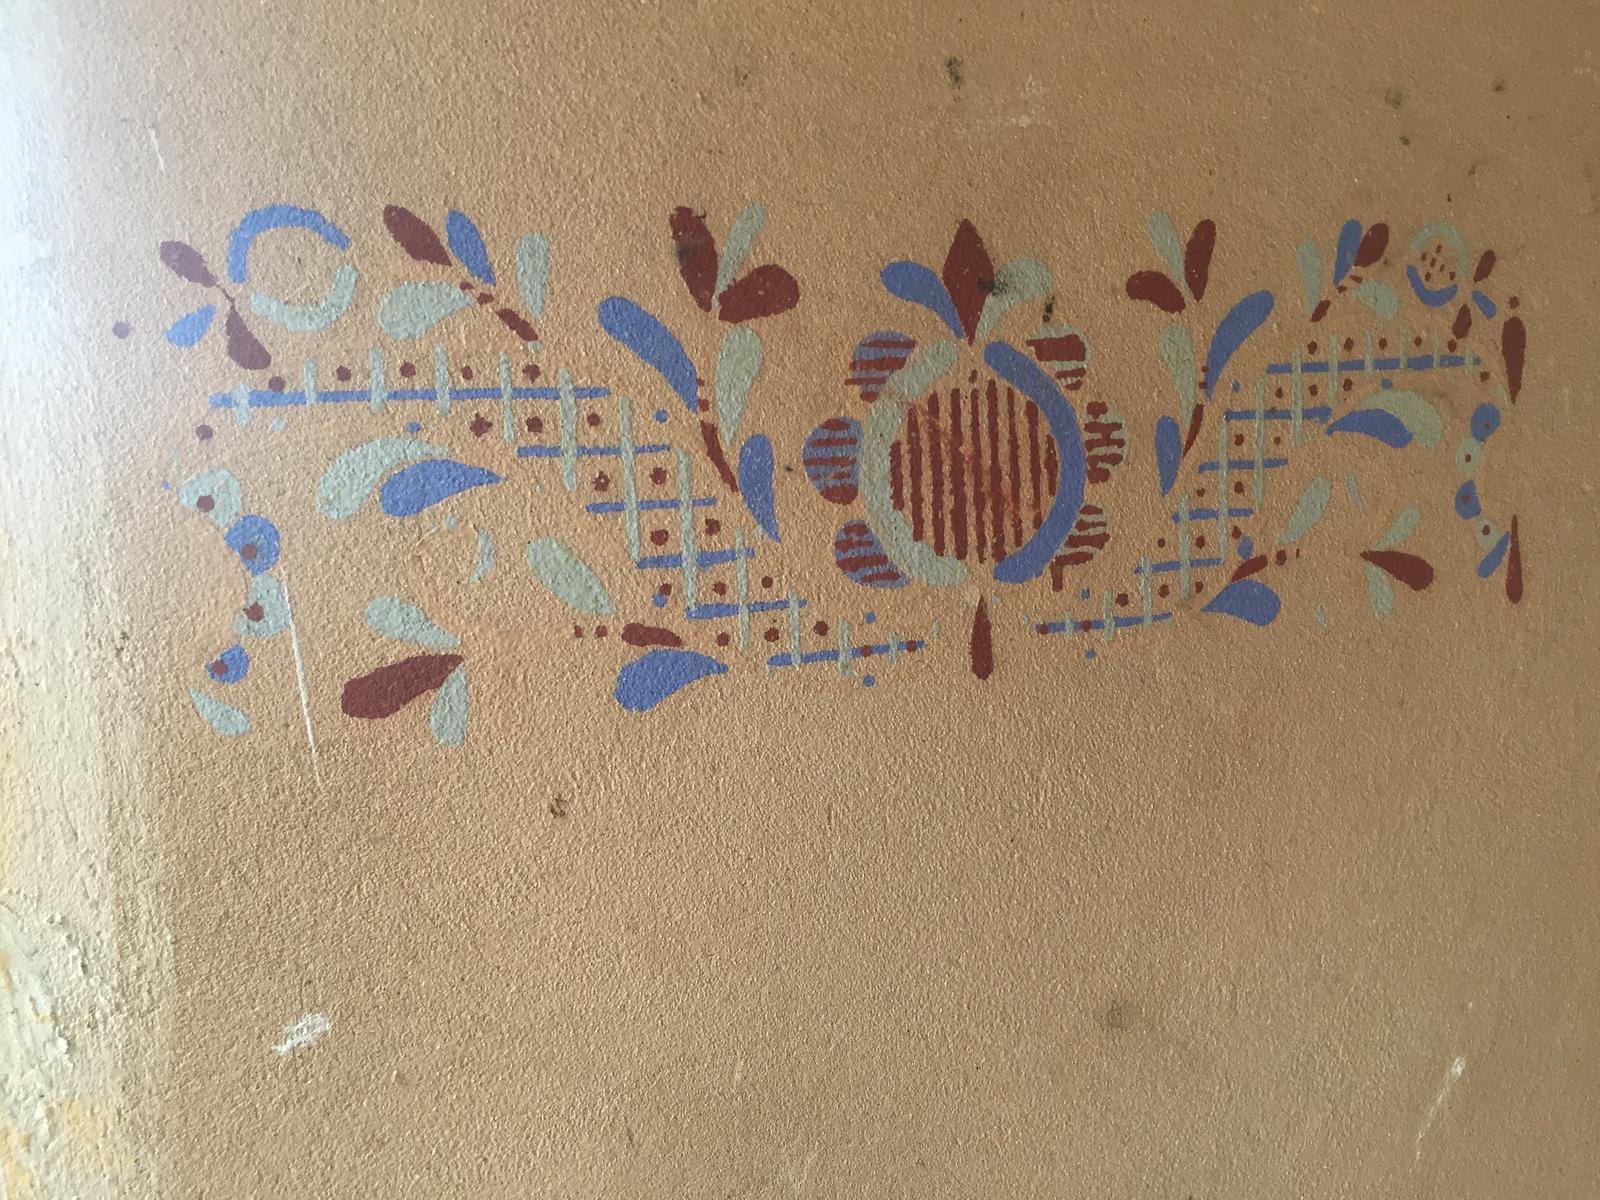 Perníková chalúpka - toto sa zachovalo na jednej bočnej vonkajšej stene domu